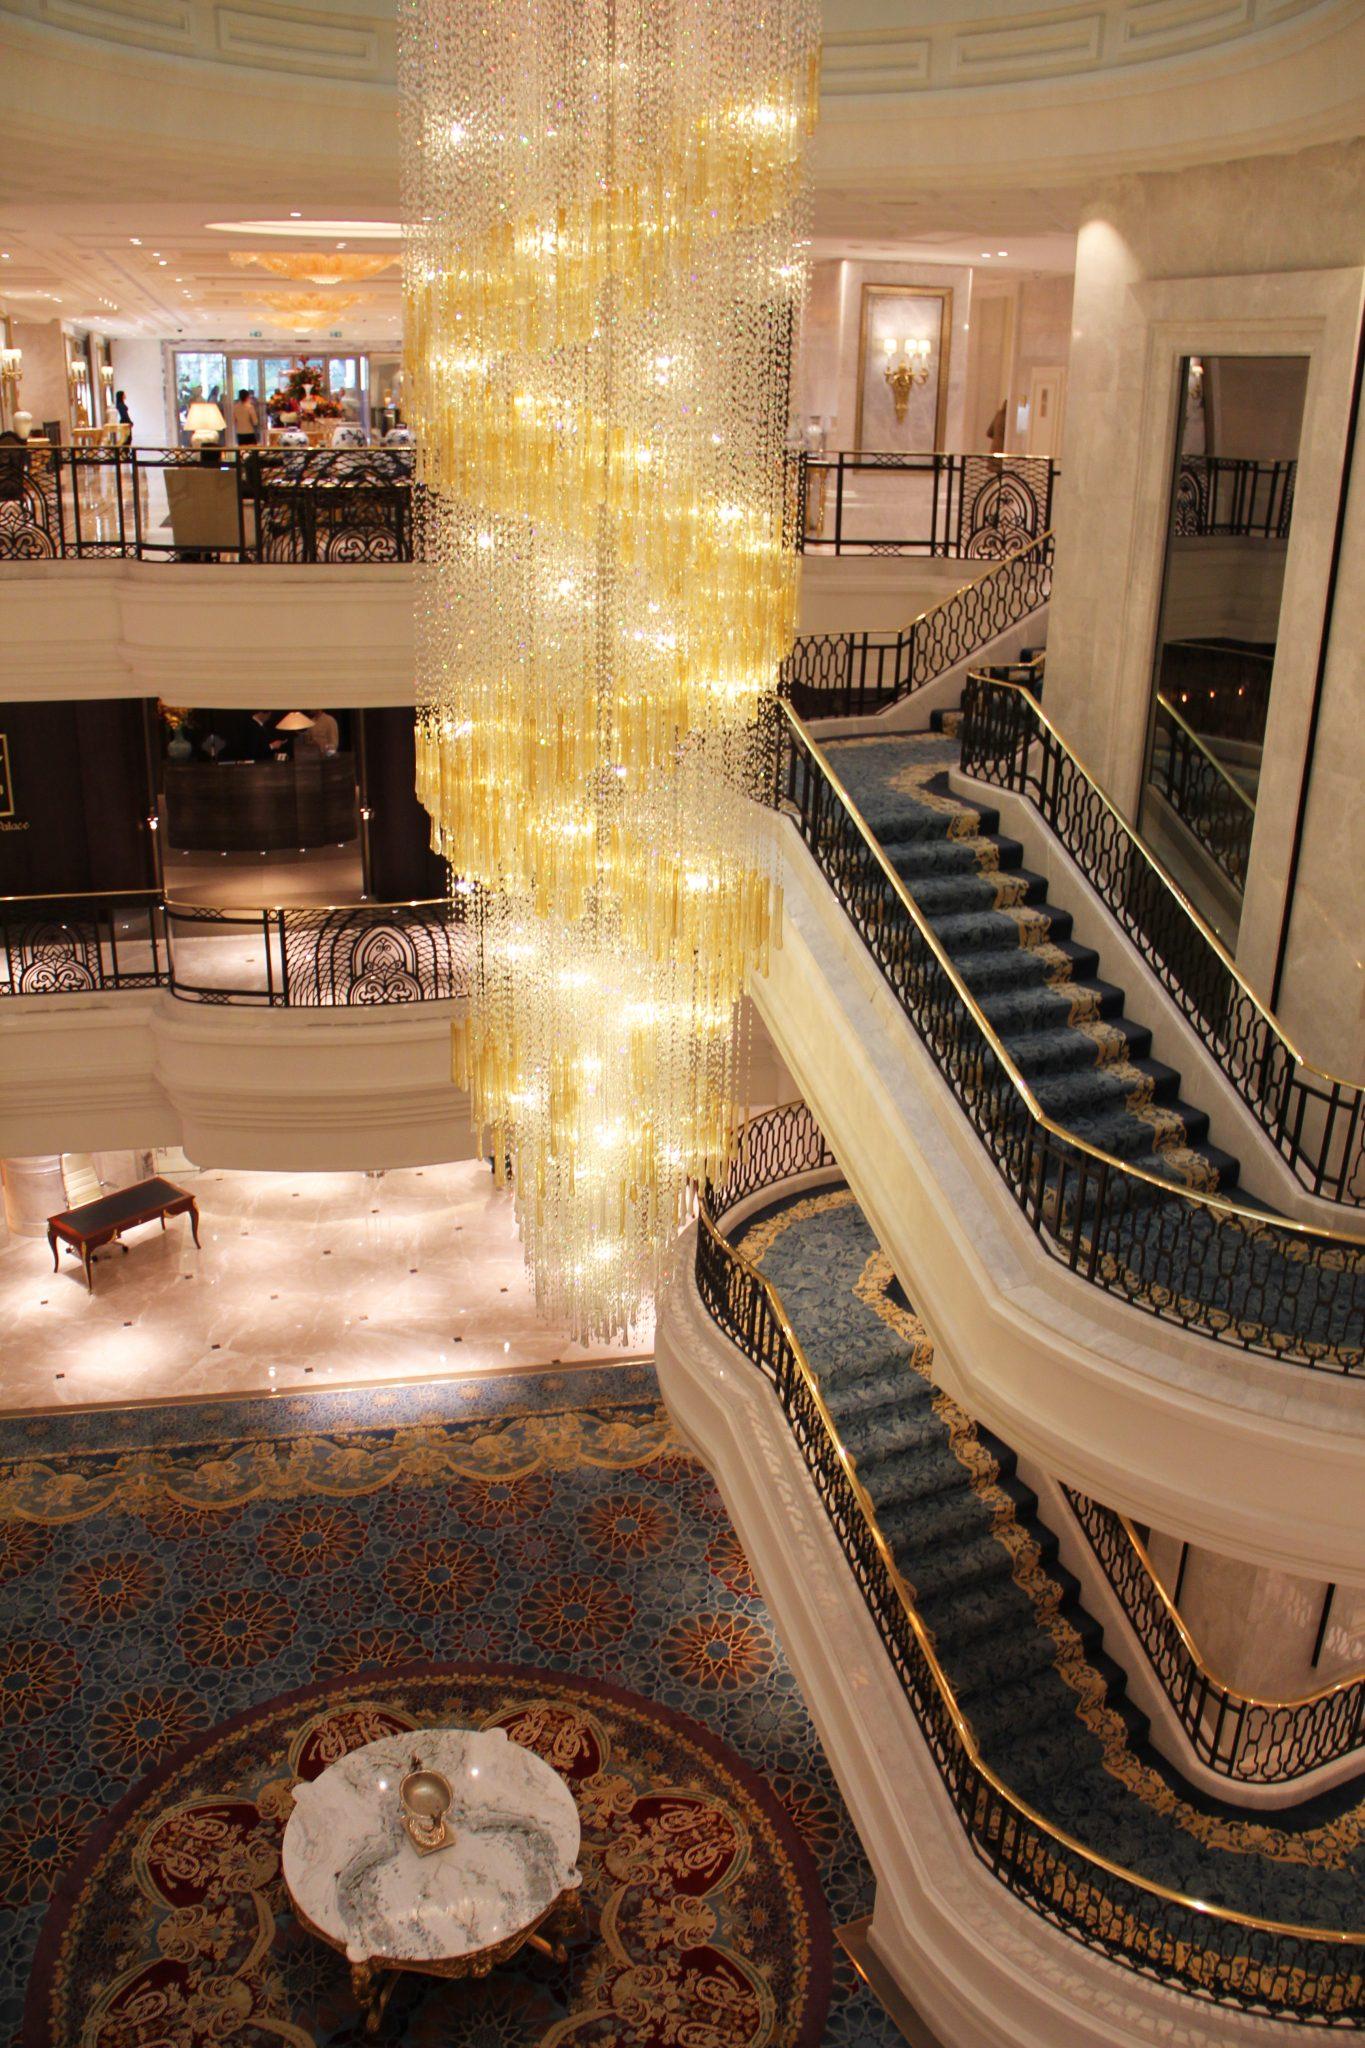 Otelin ihtişamlı 7 metrelik avizesi...